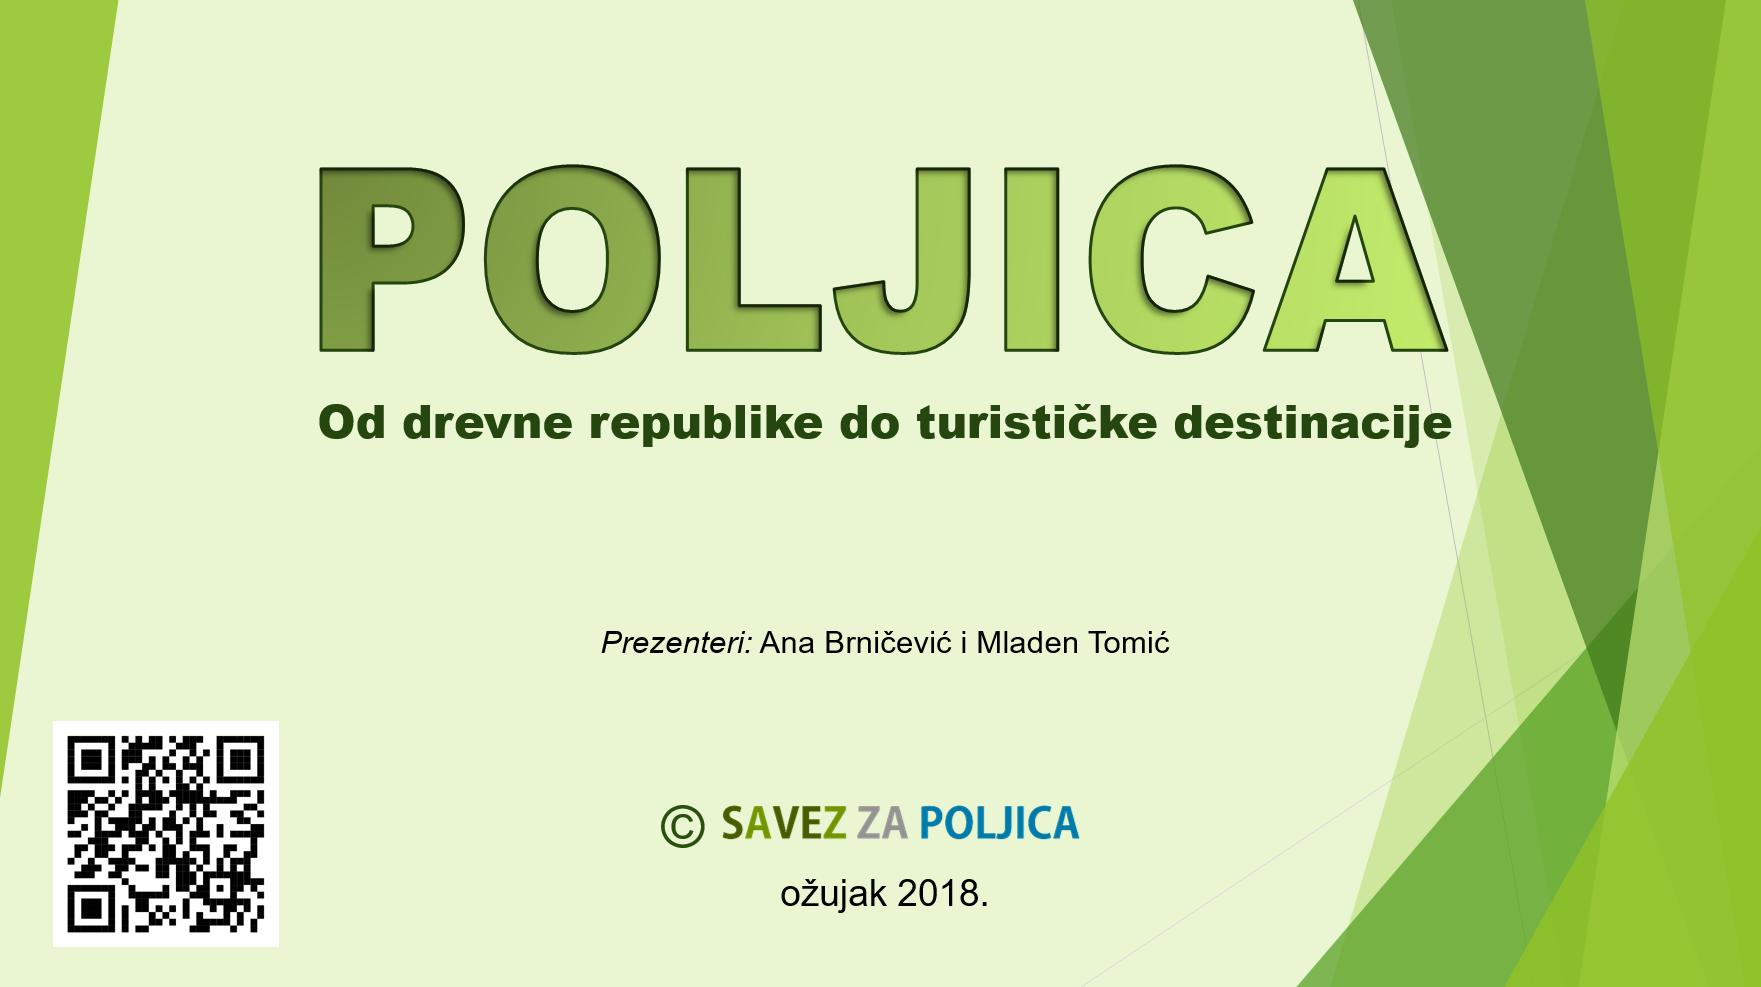 MEĐUNARODNA PREMIJERA POLJICA KAO TURISTIČKOG BRENDA